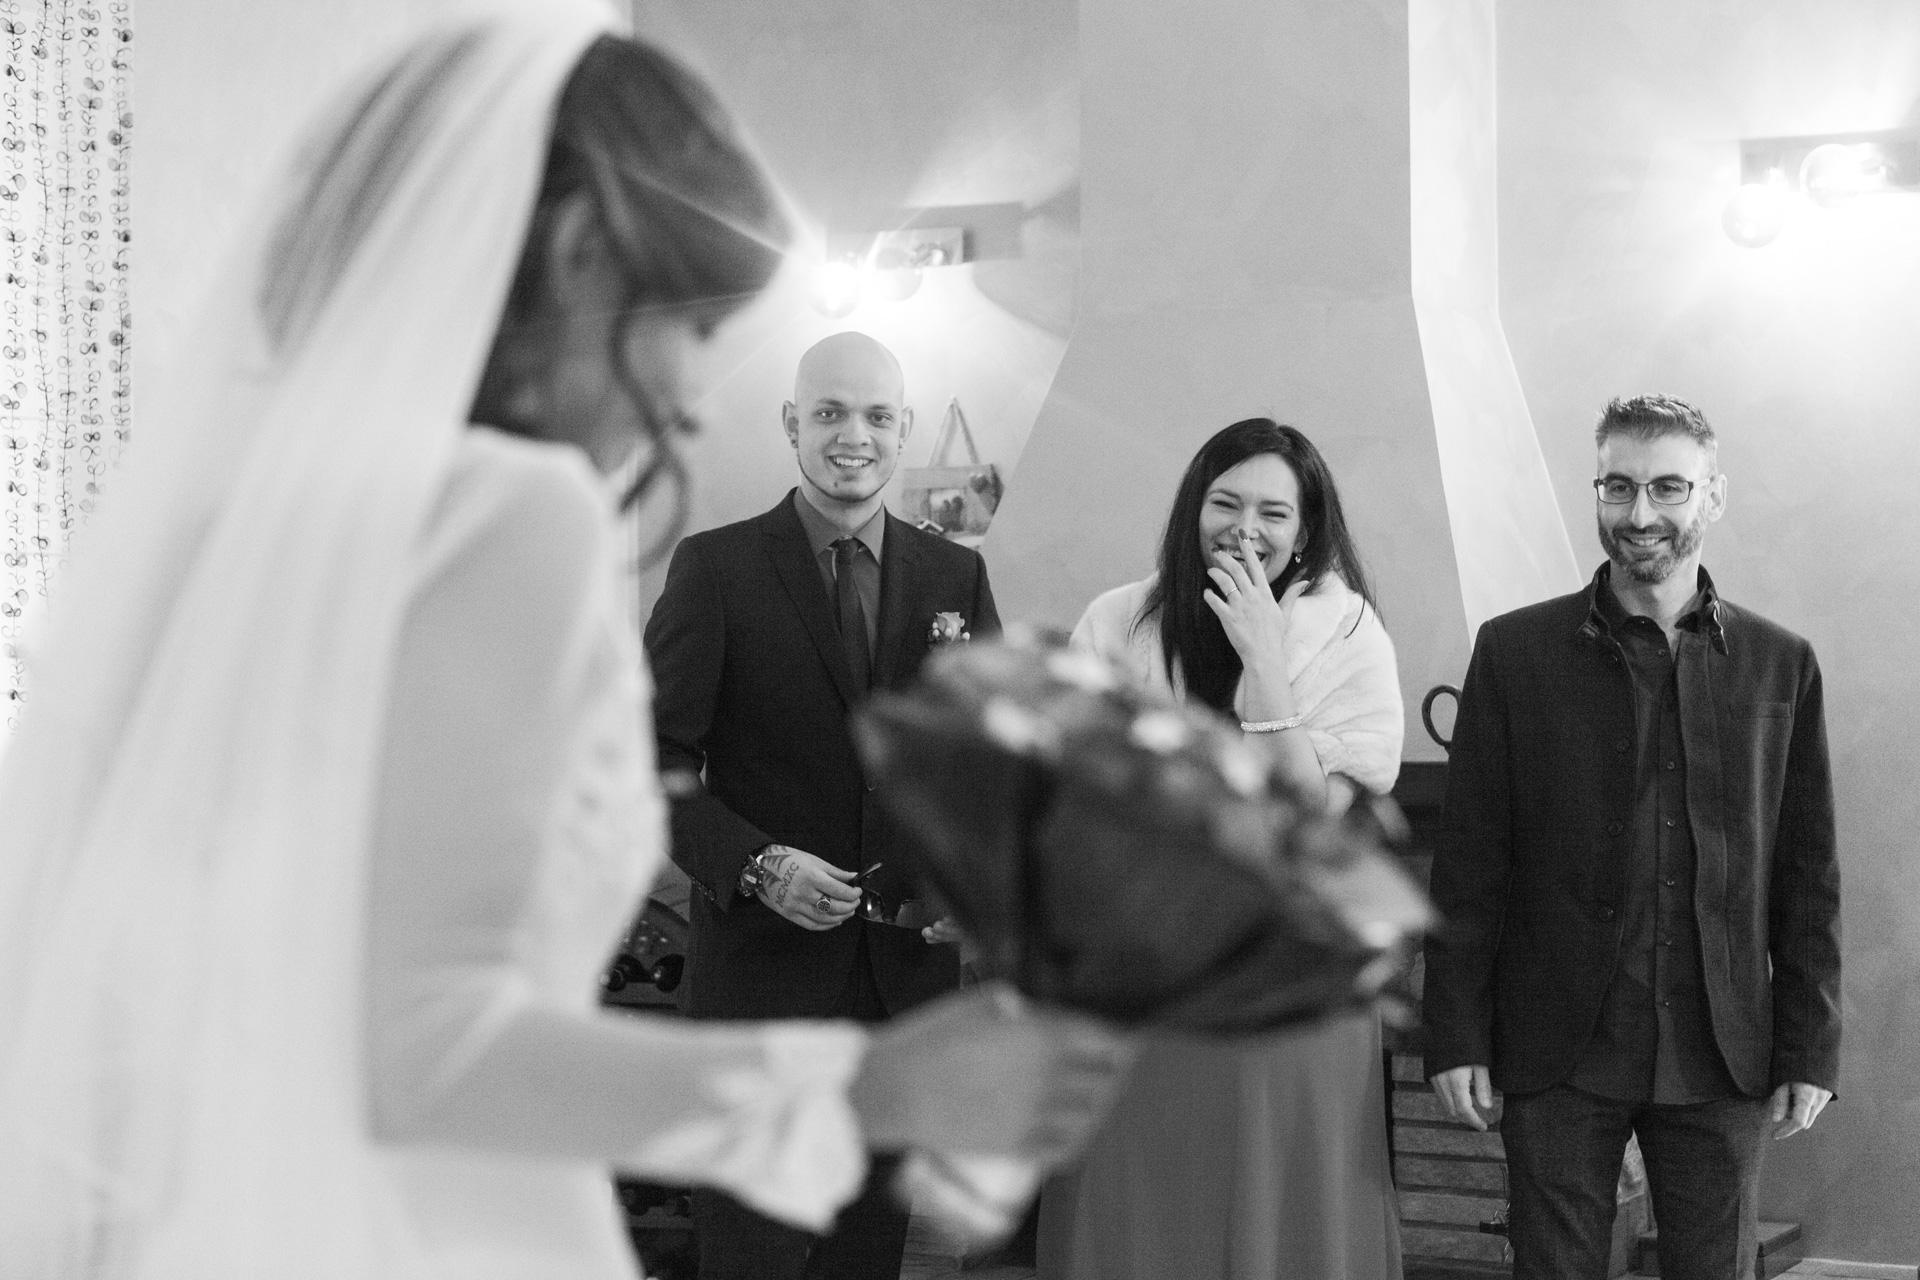 il fratello della sposa